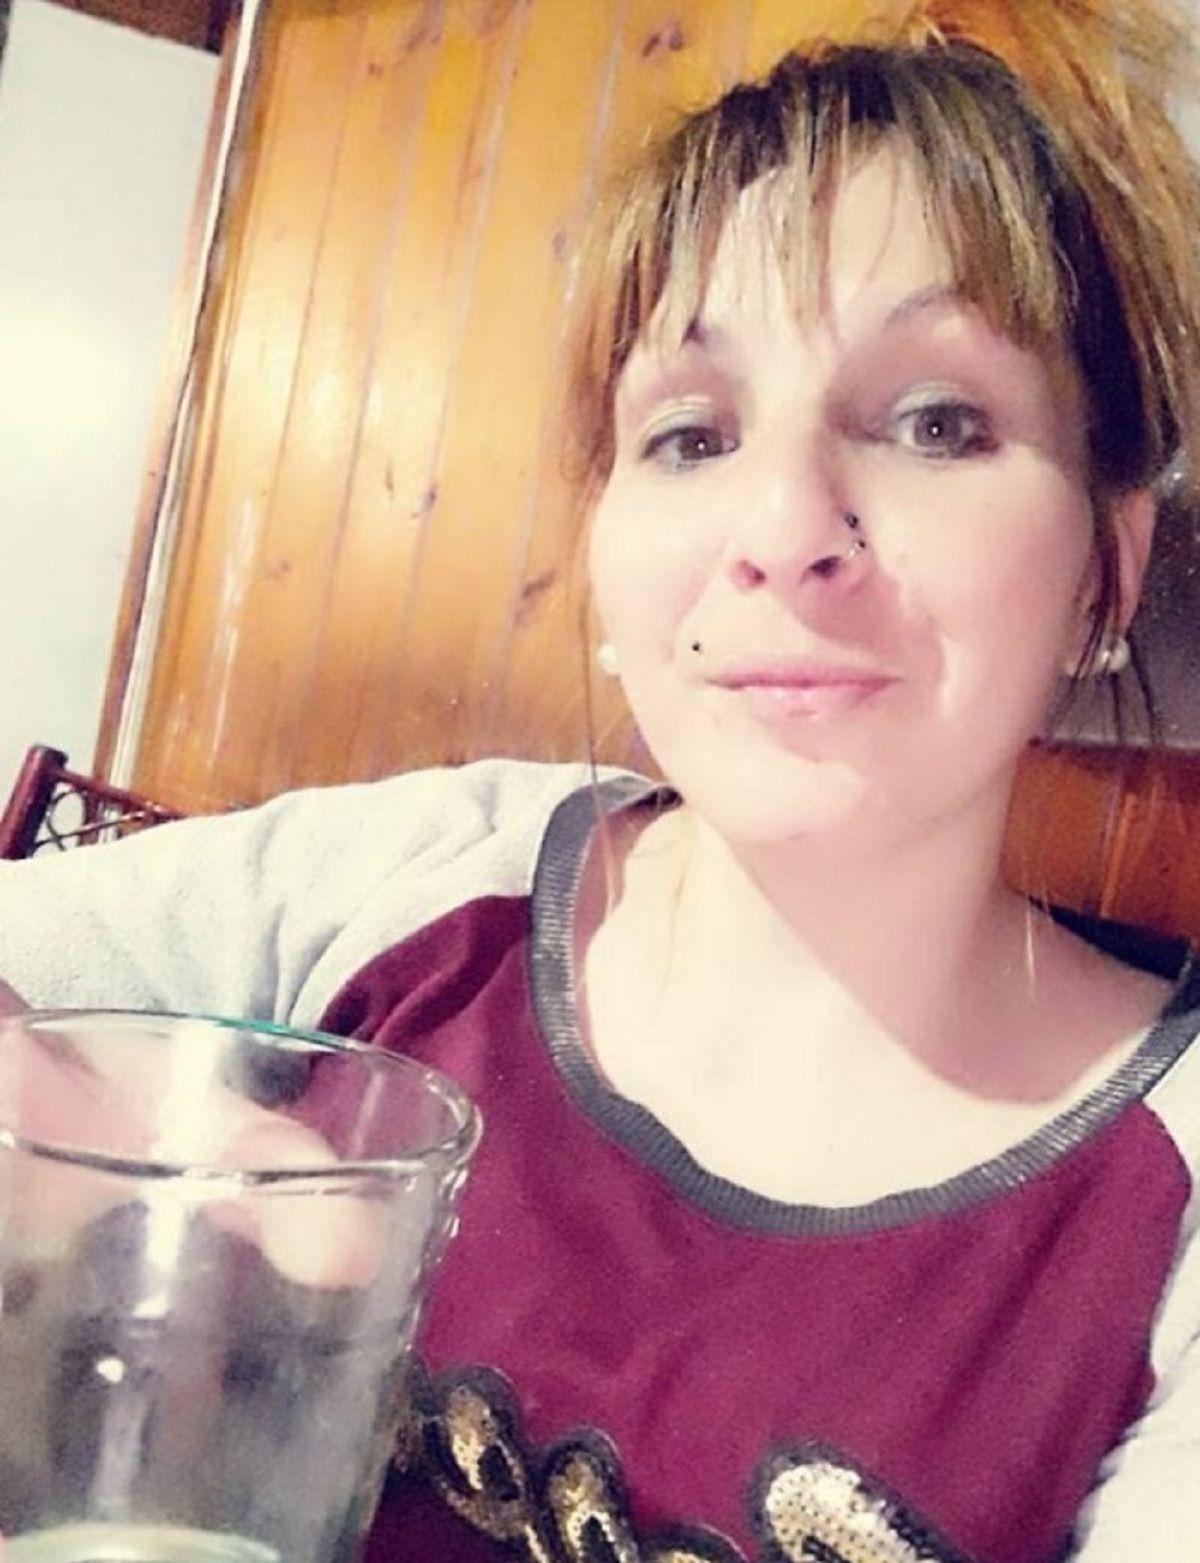 Crimen en un hotel alojamiento: la embarazada murió desangrada por las heridas que le provocaron